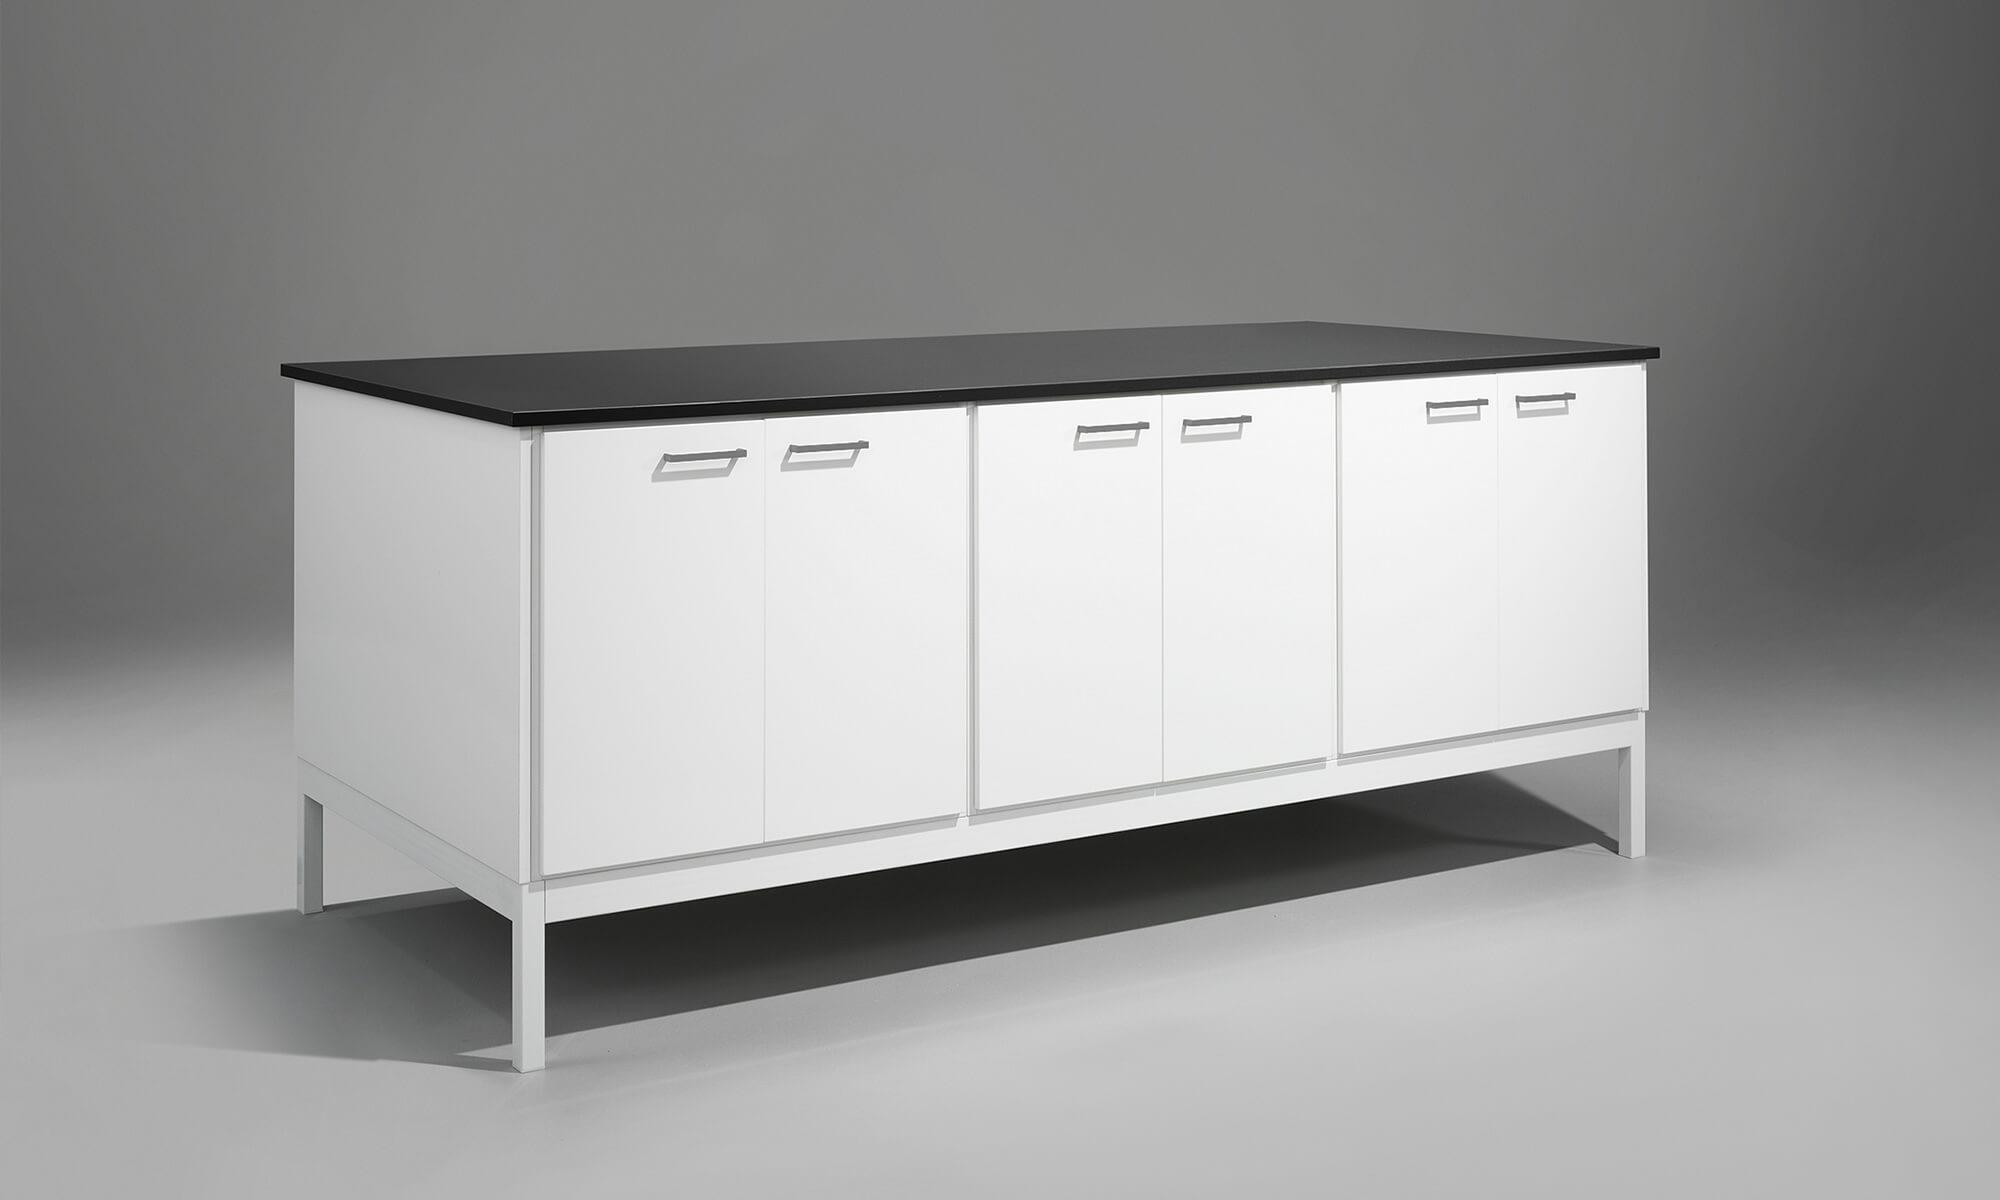 arbetsö arbetsstation kontor förvaring trece work station office furniture storage